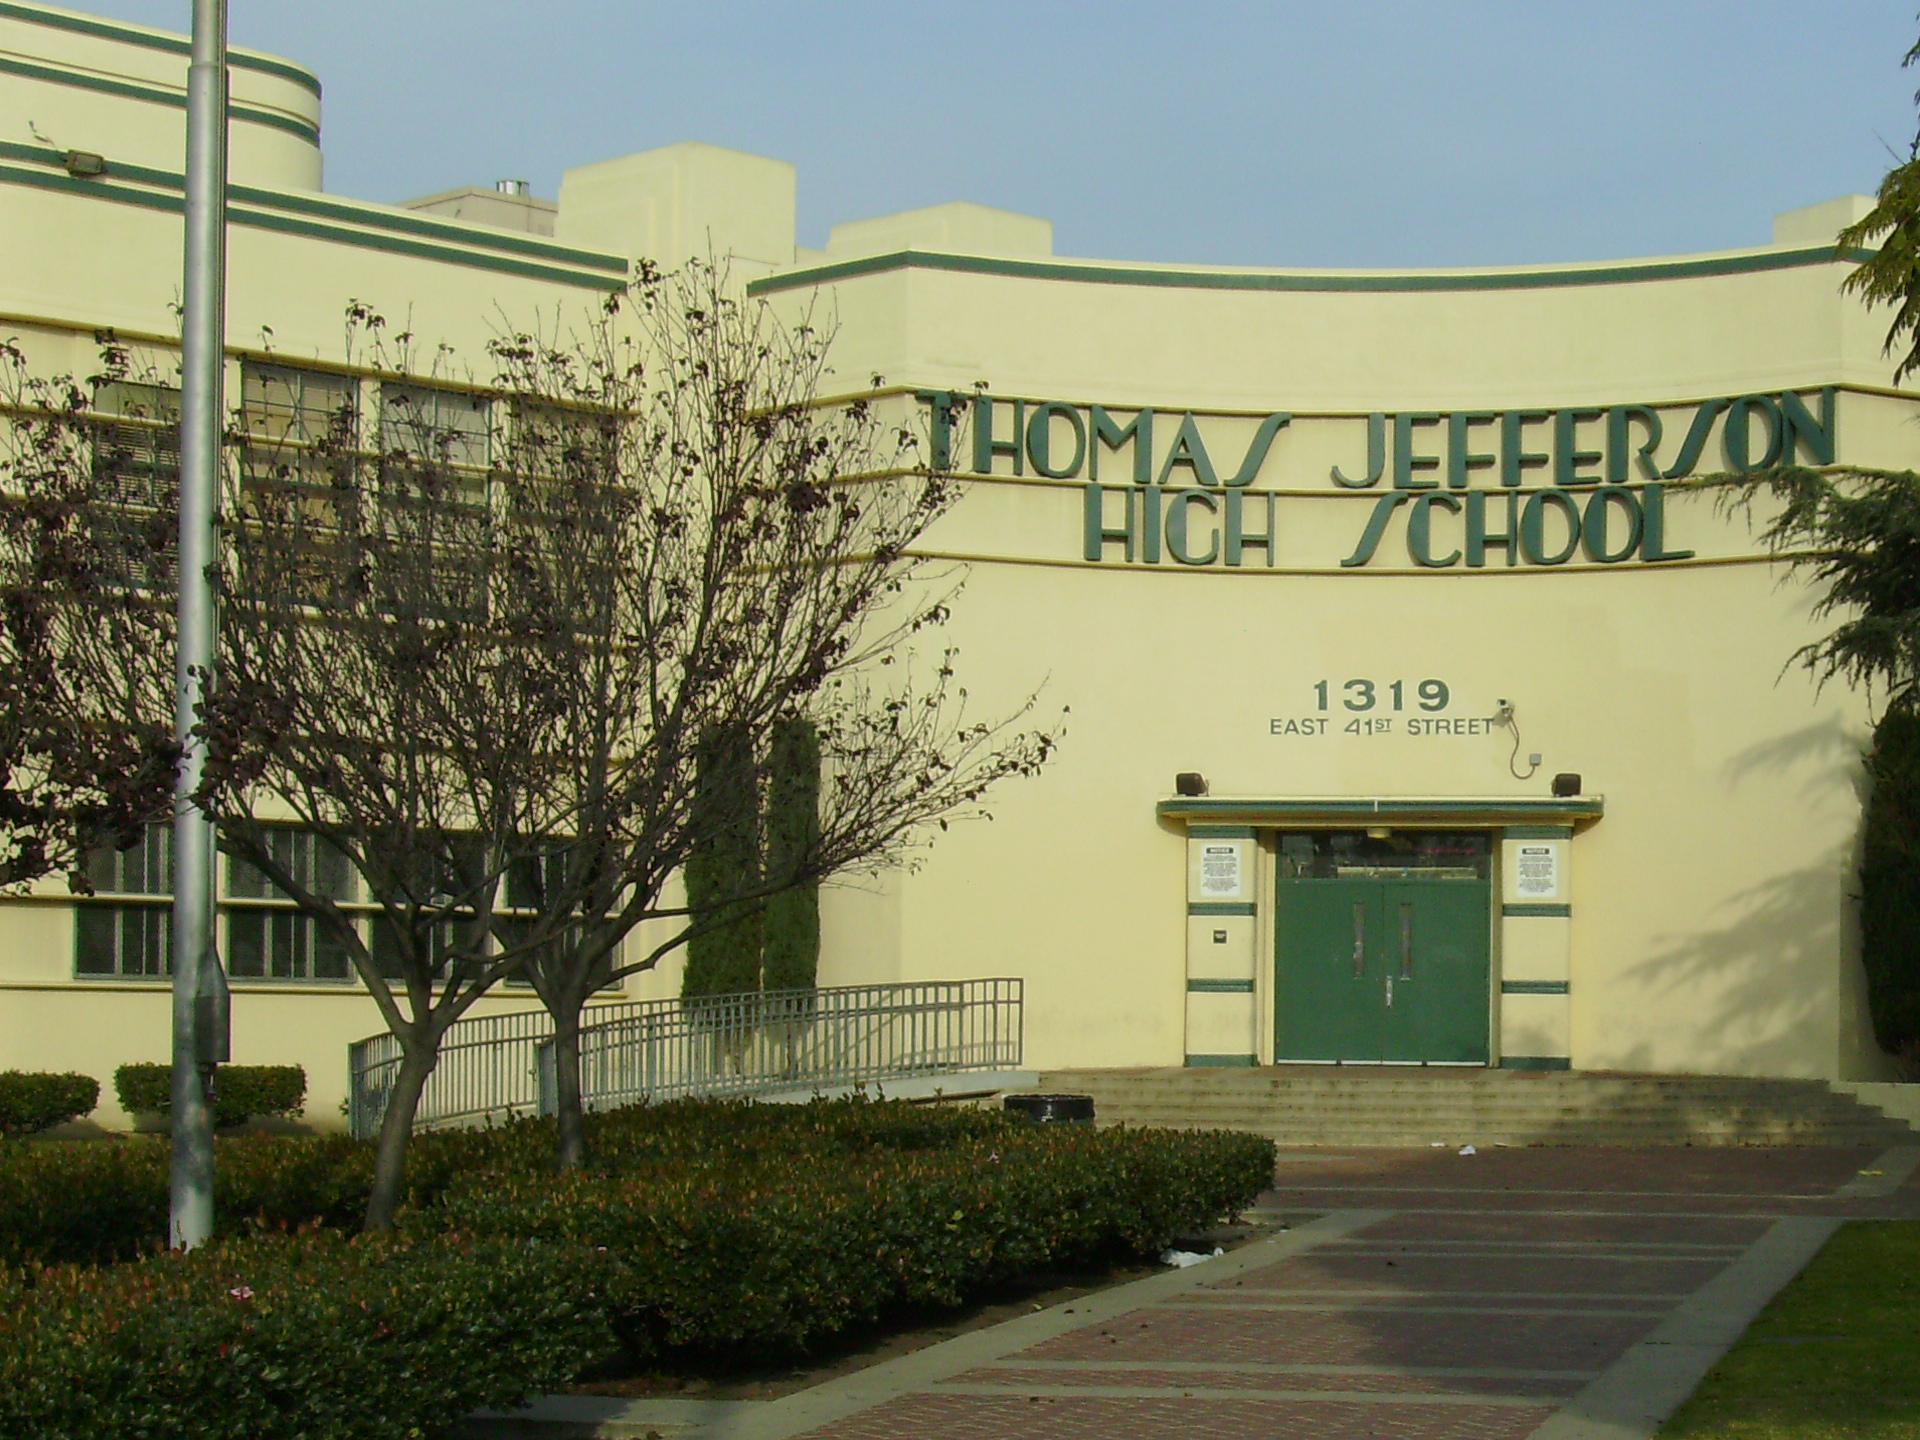 Jefferson High School Los Angeles Wikipedia